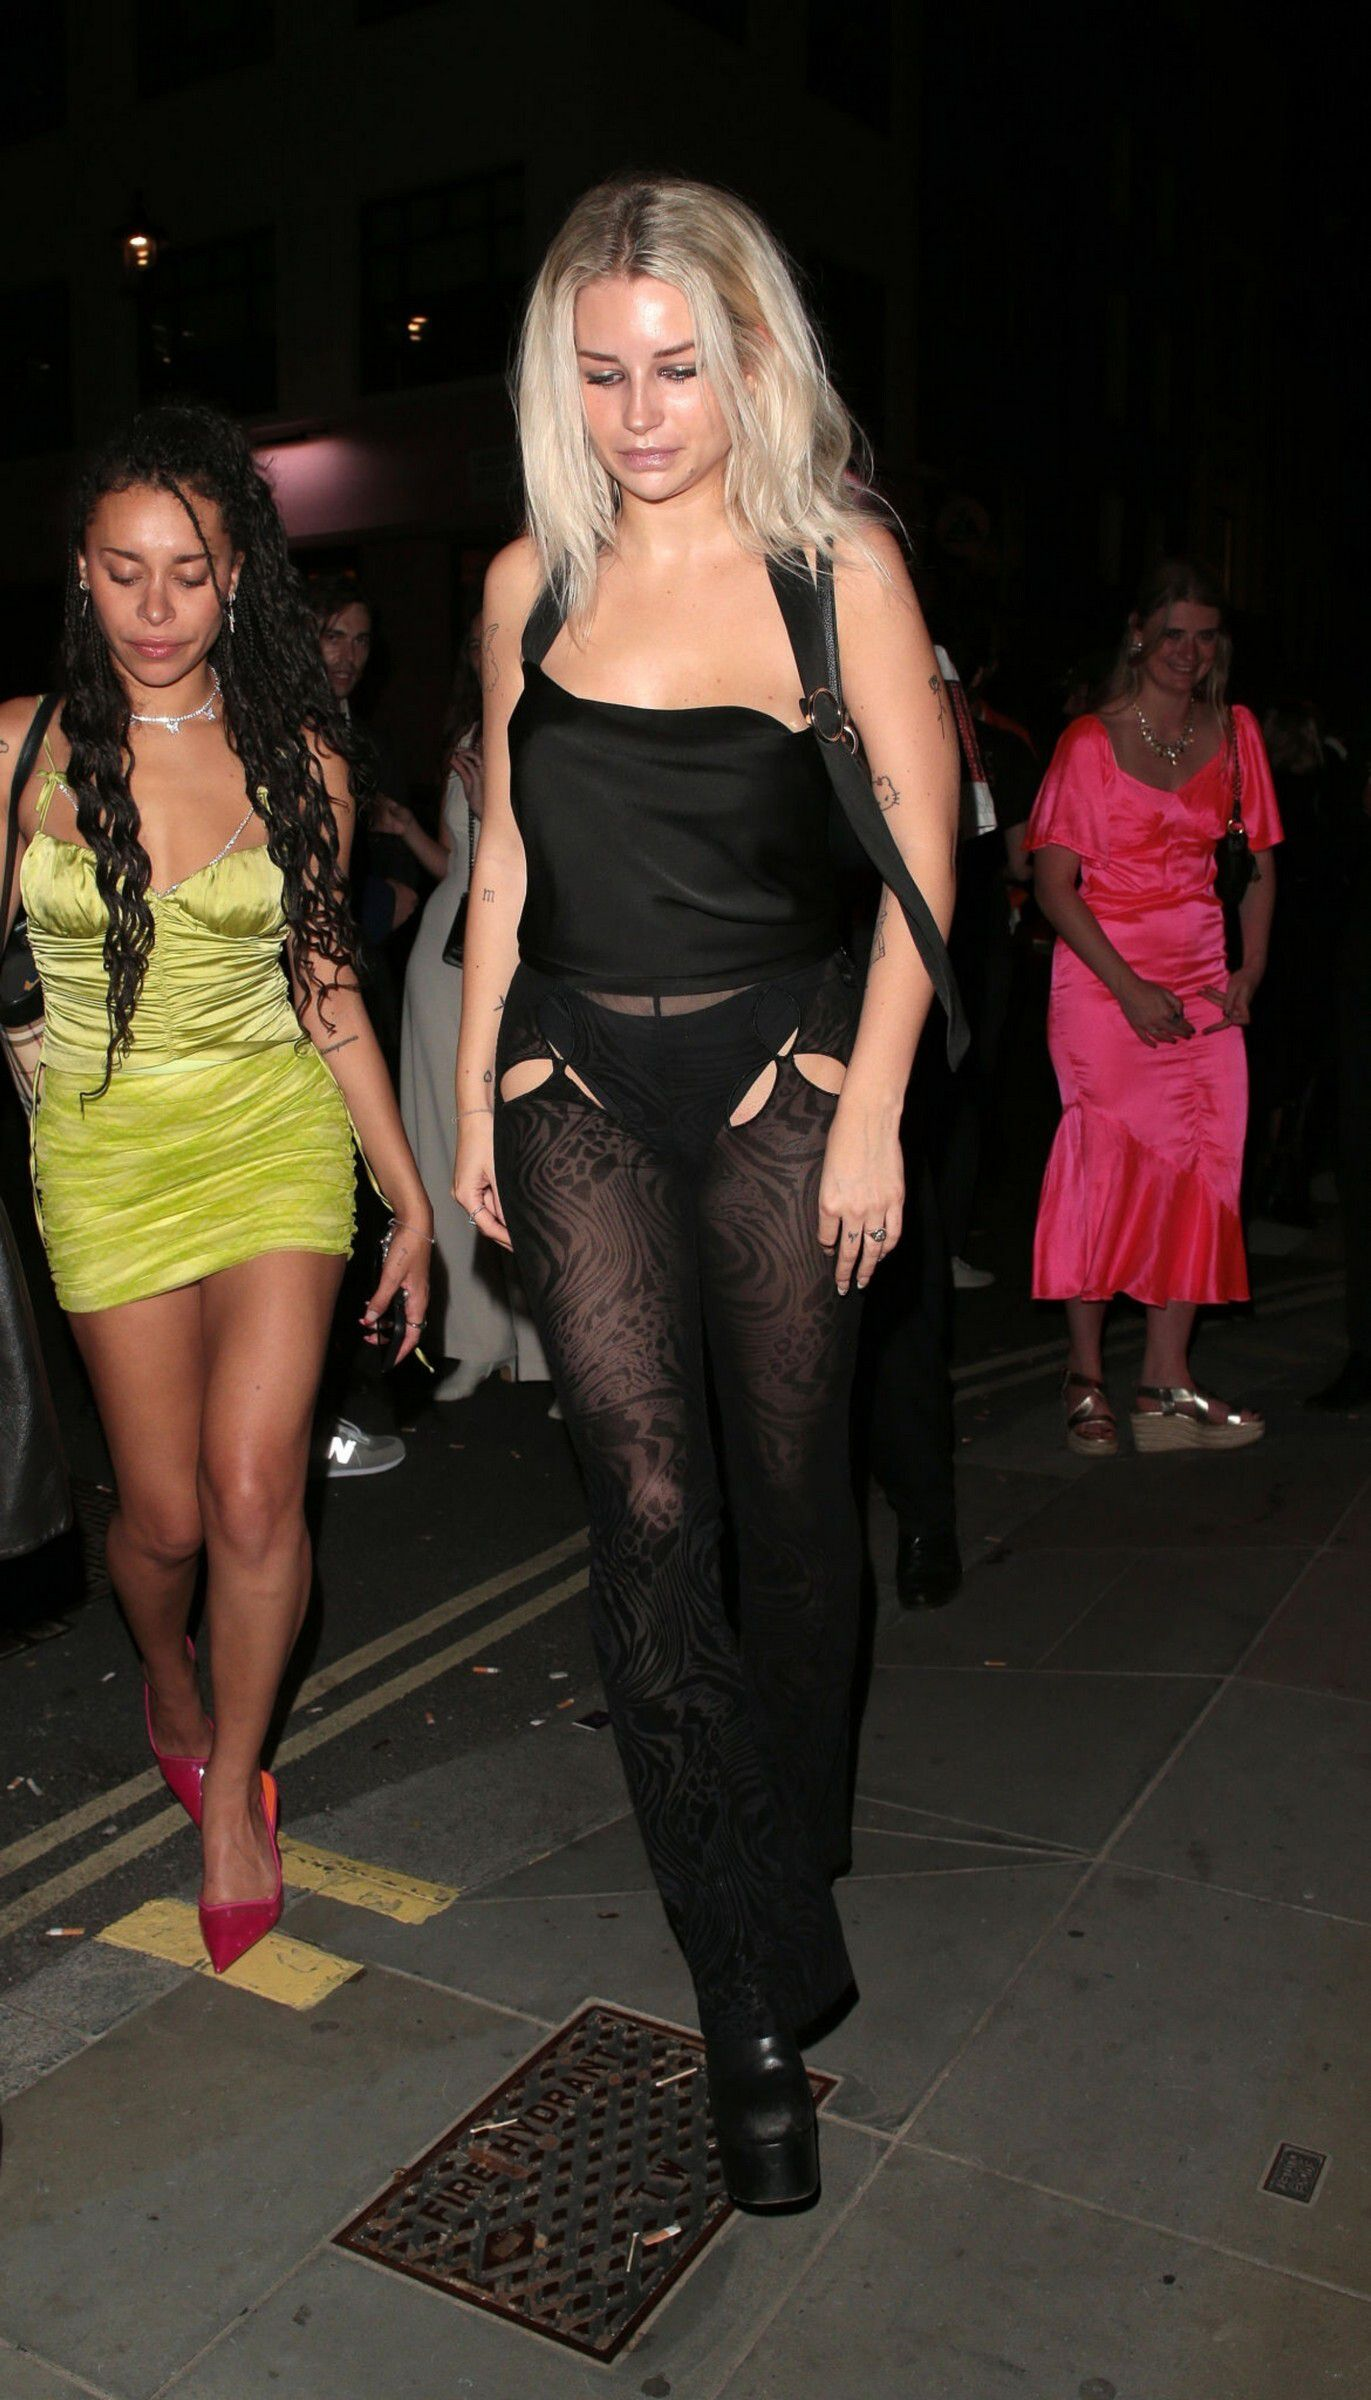 Lottie Moss Revealing Outfit